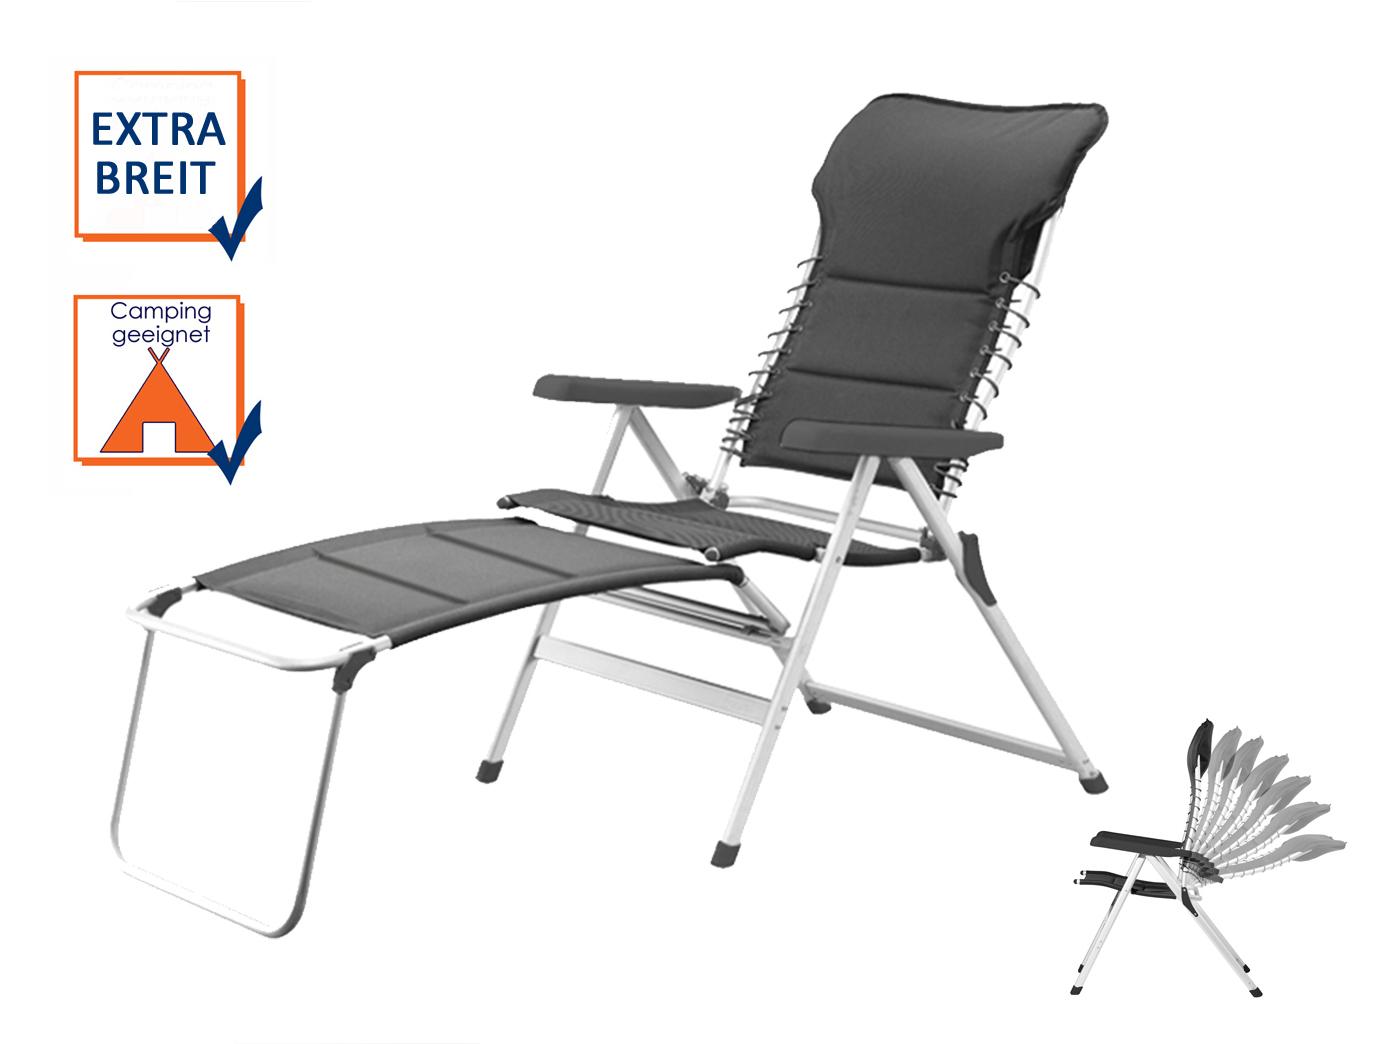 xxl alu campingstuhl gepolstert leicht klappbar mit fu ablage fu teil b derliege kaufen bei. Black Bedroom Furniture Sets. Home Design Ideas